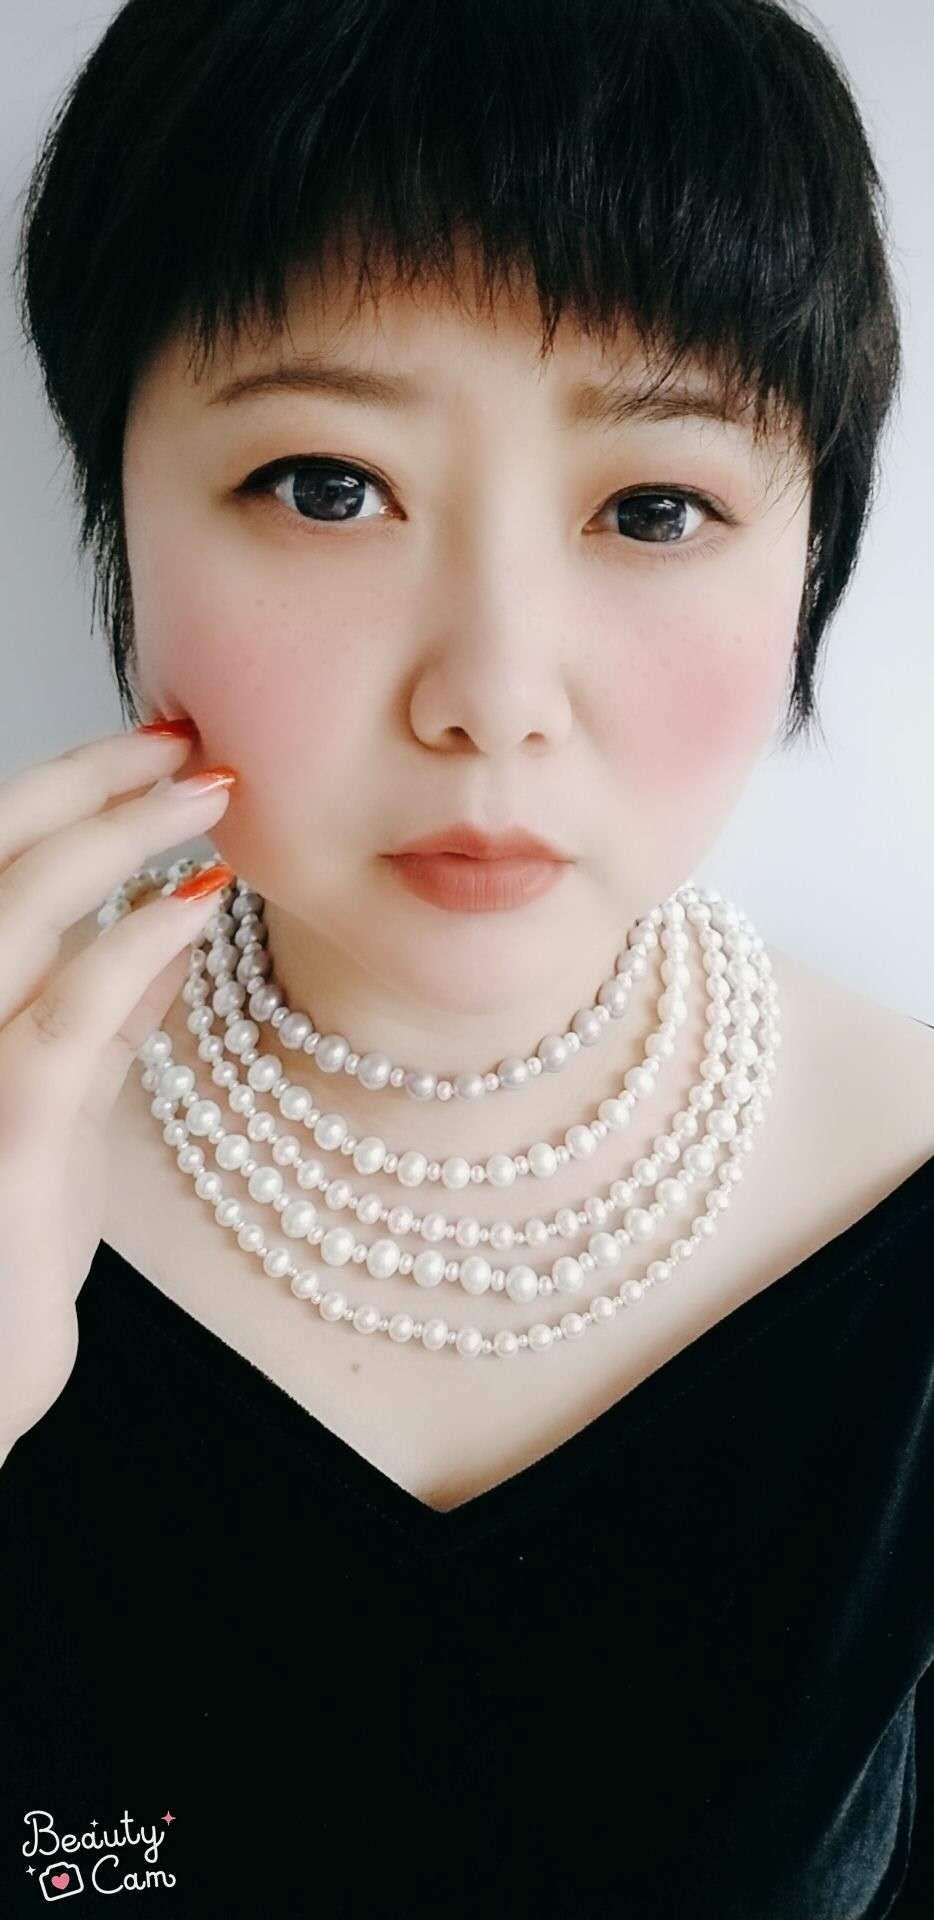 纯珍珠蝴蝶戒指S925熙熙珠宝